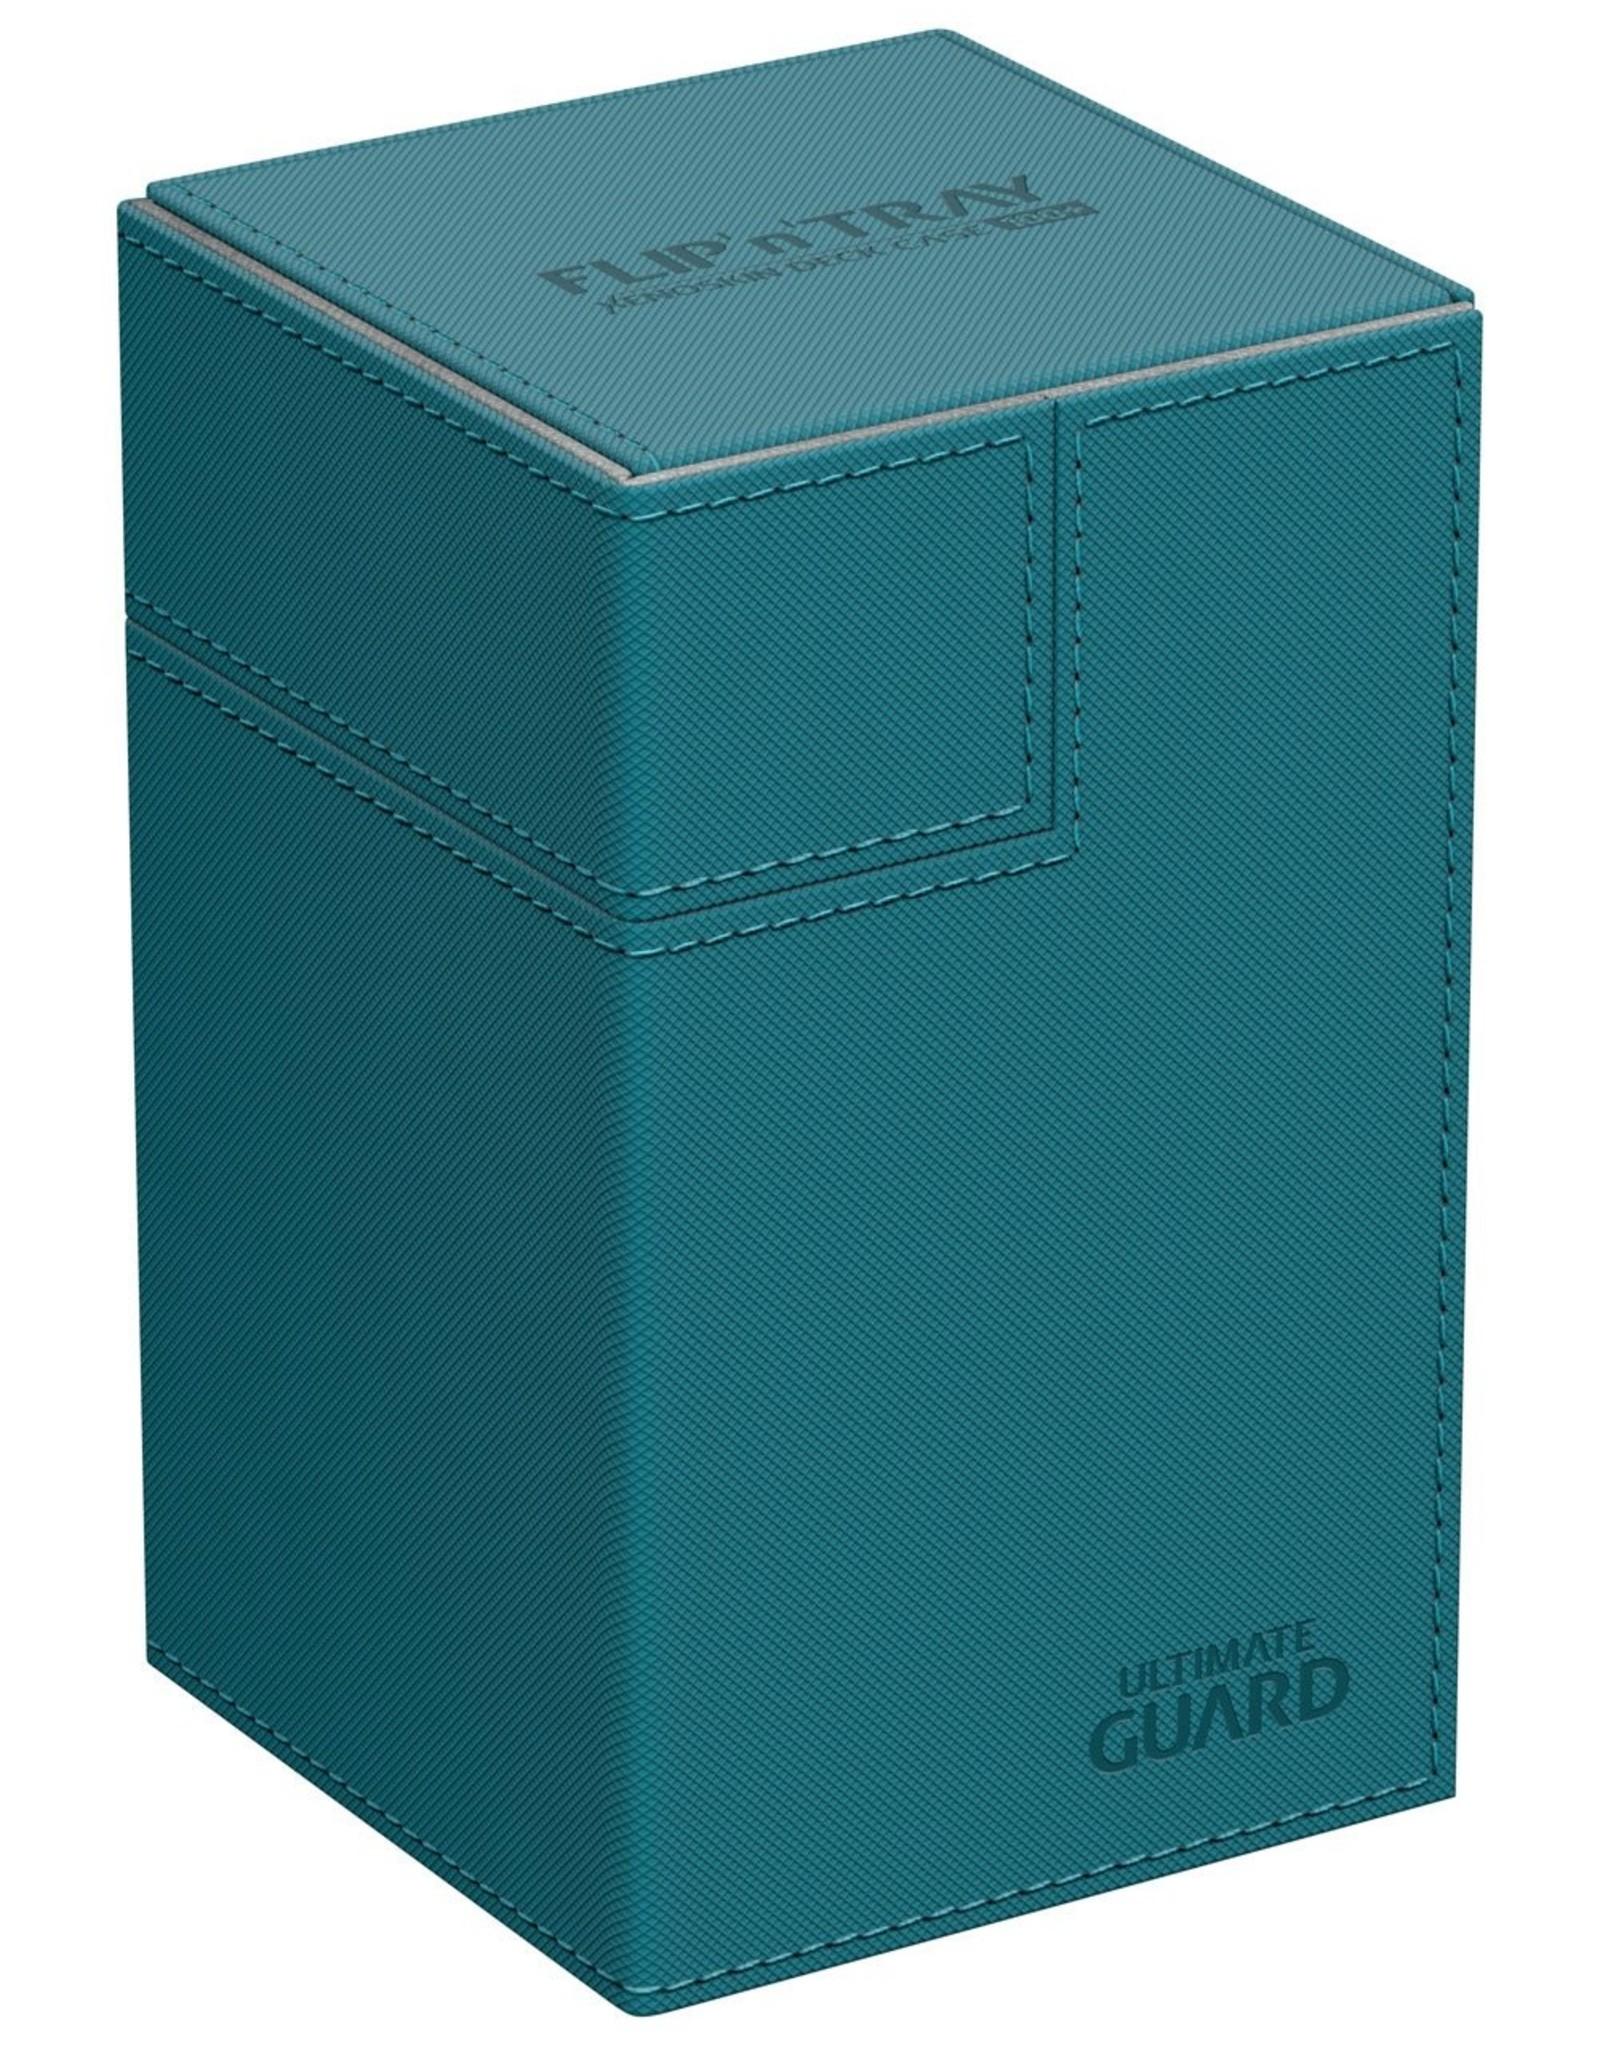 Ultimate Guard Flip´n´Tray Deck Case 100+ Standard Size Petrol